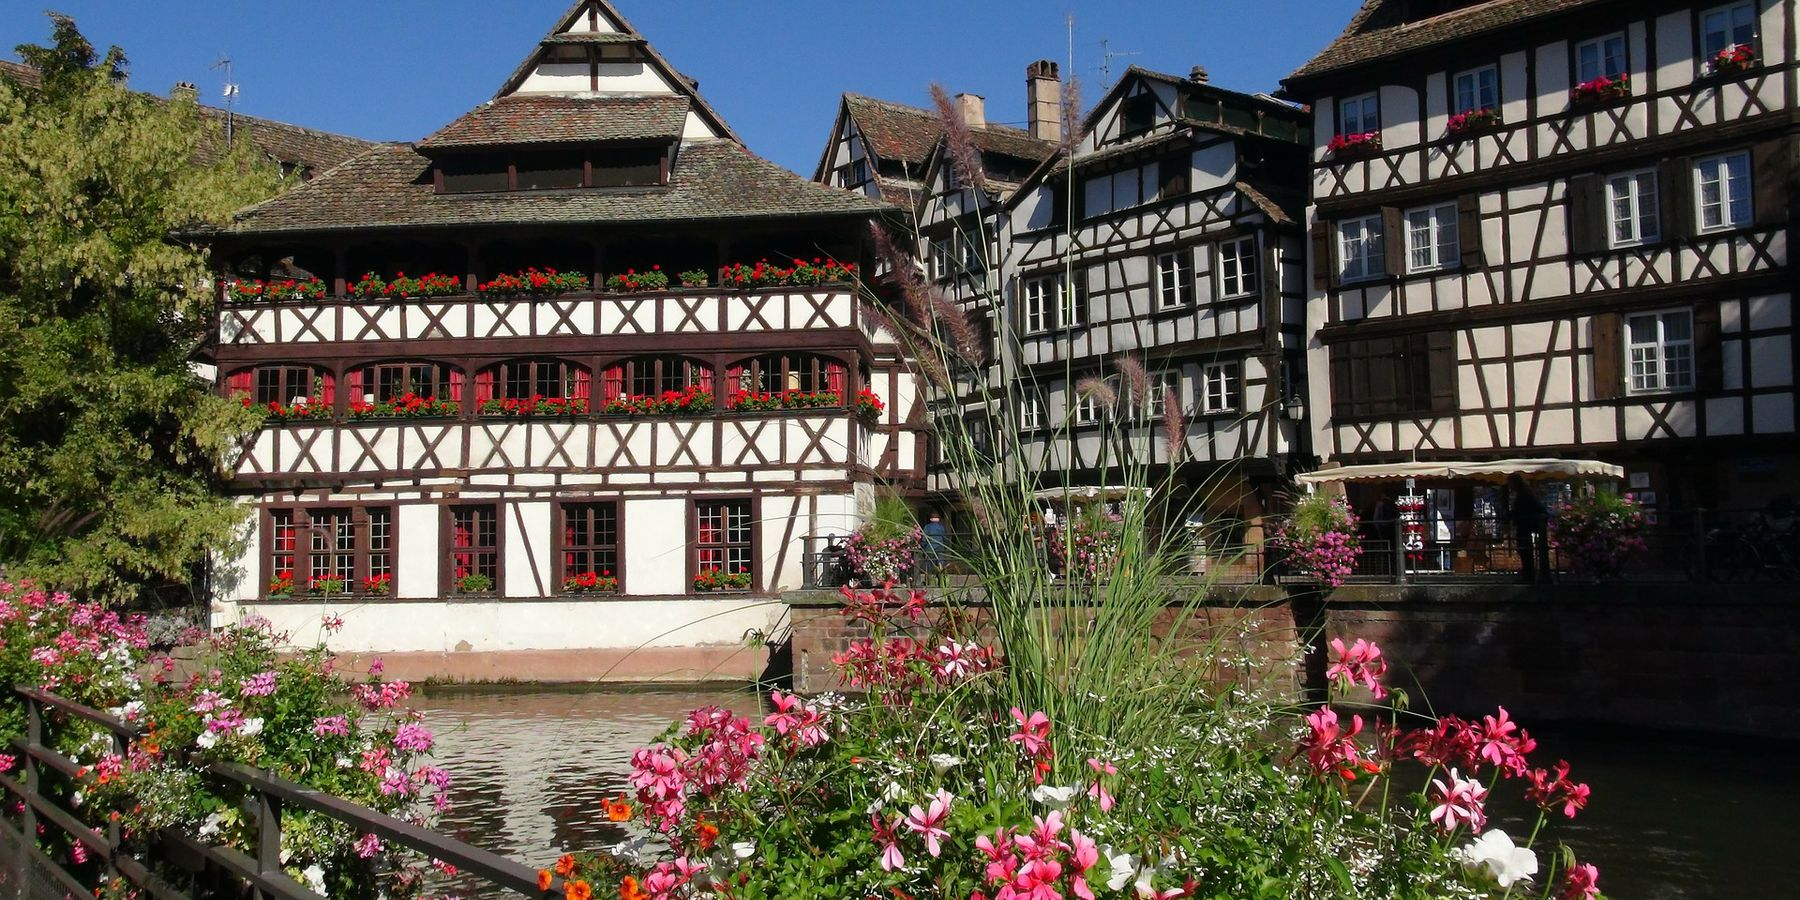 Huisjes Straatsburg Afbeelding van ZEBULON72 via Pixabay | Frankrijk | Doets Reizen